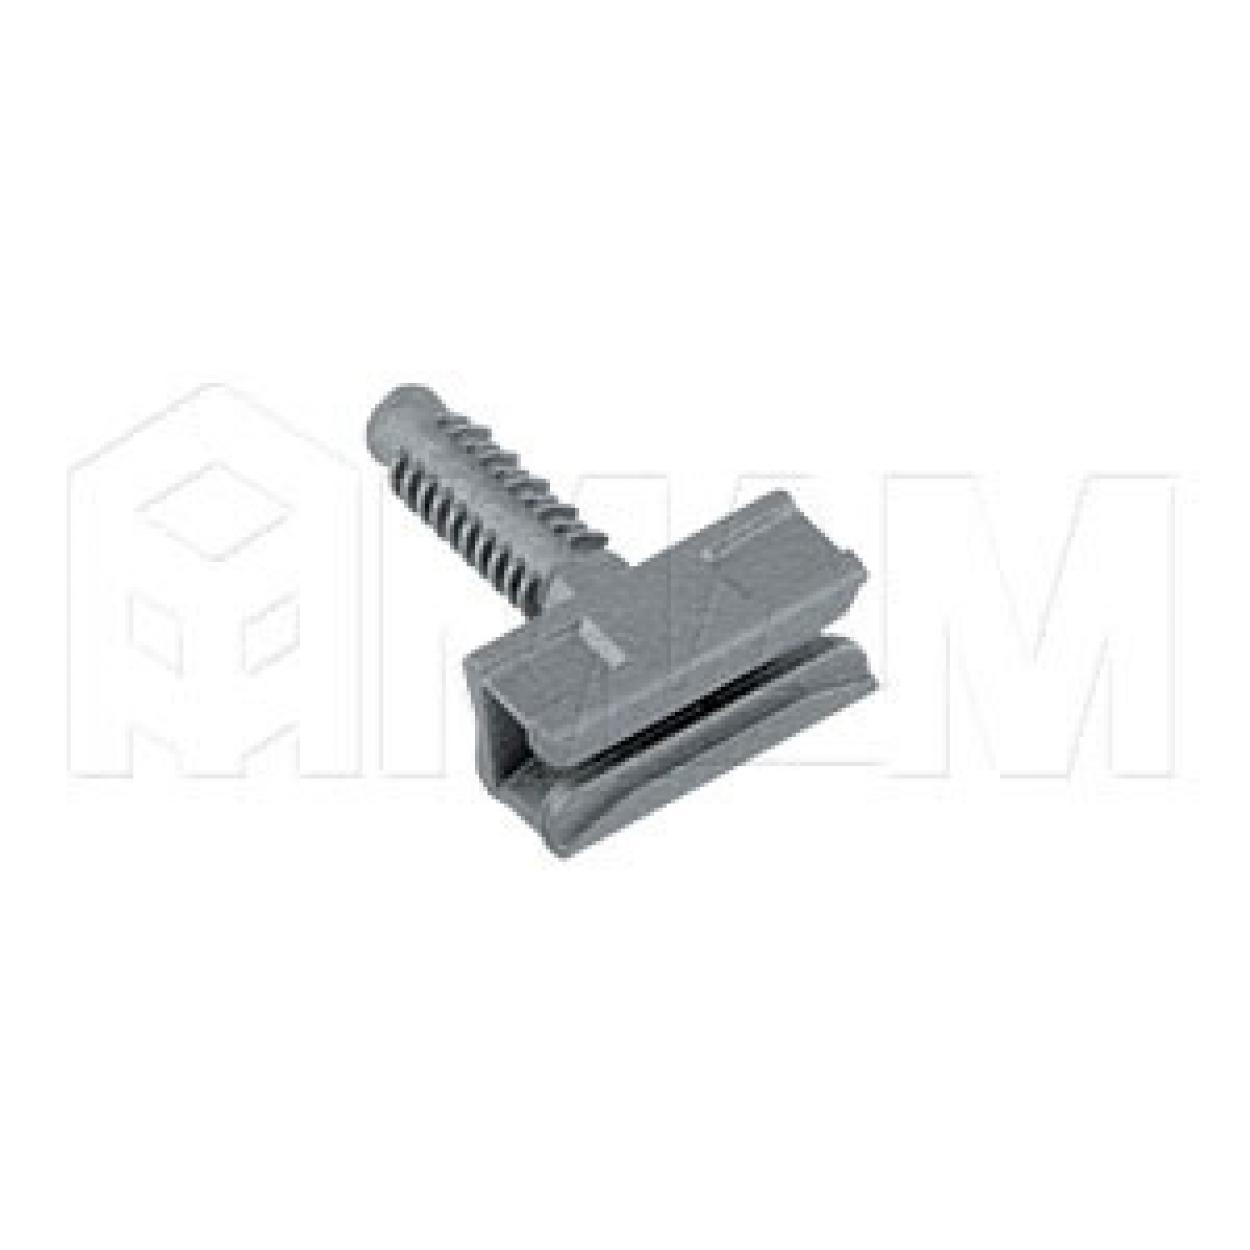 ZERO Скрытый тыльный полкодержатель для деревянных полок толщиной от 18 мм с фиксацией